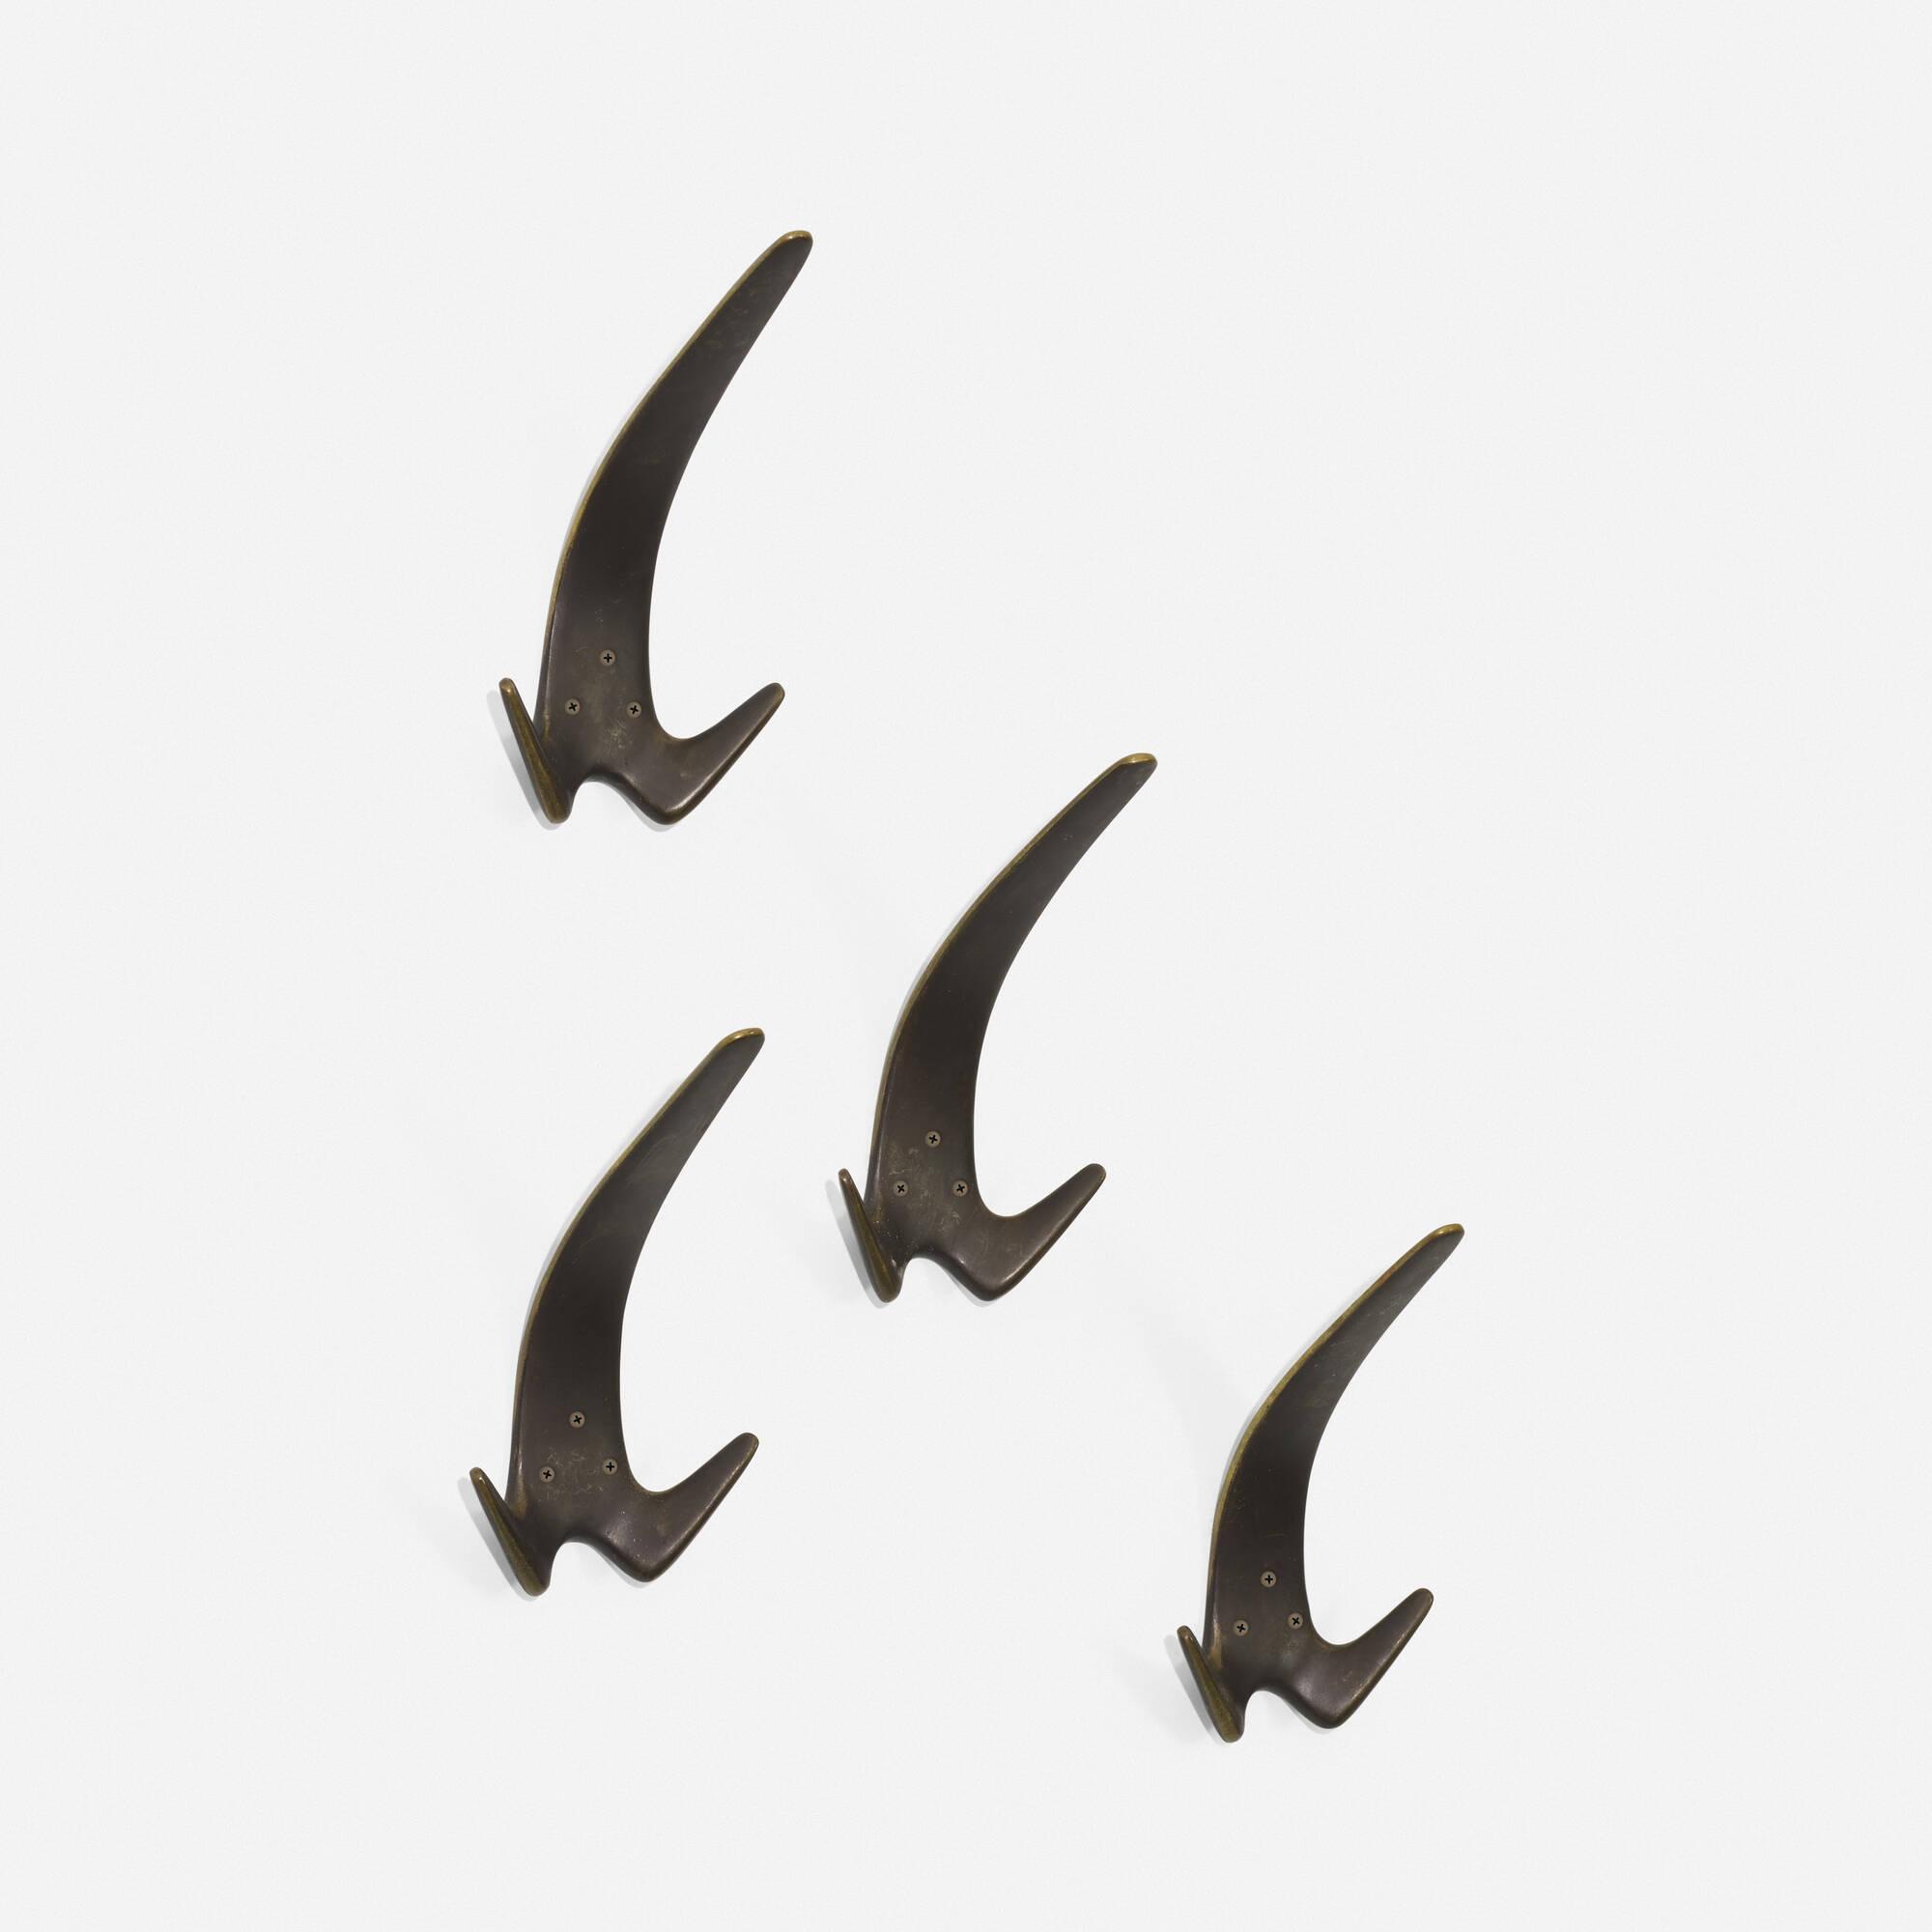 126: Carl Auböck II / wall hooks, set of four (1 of 2)